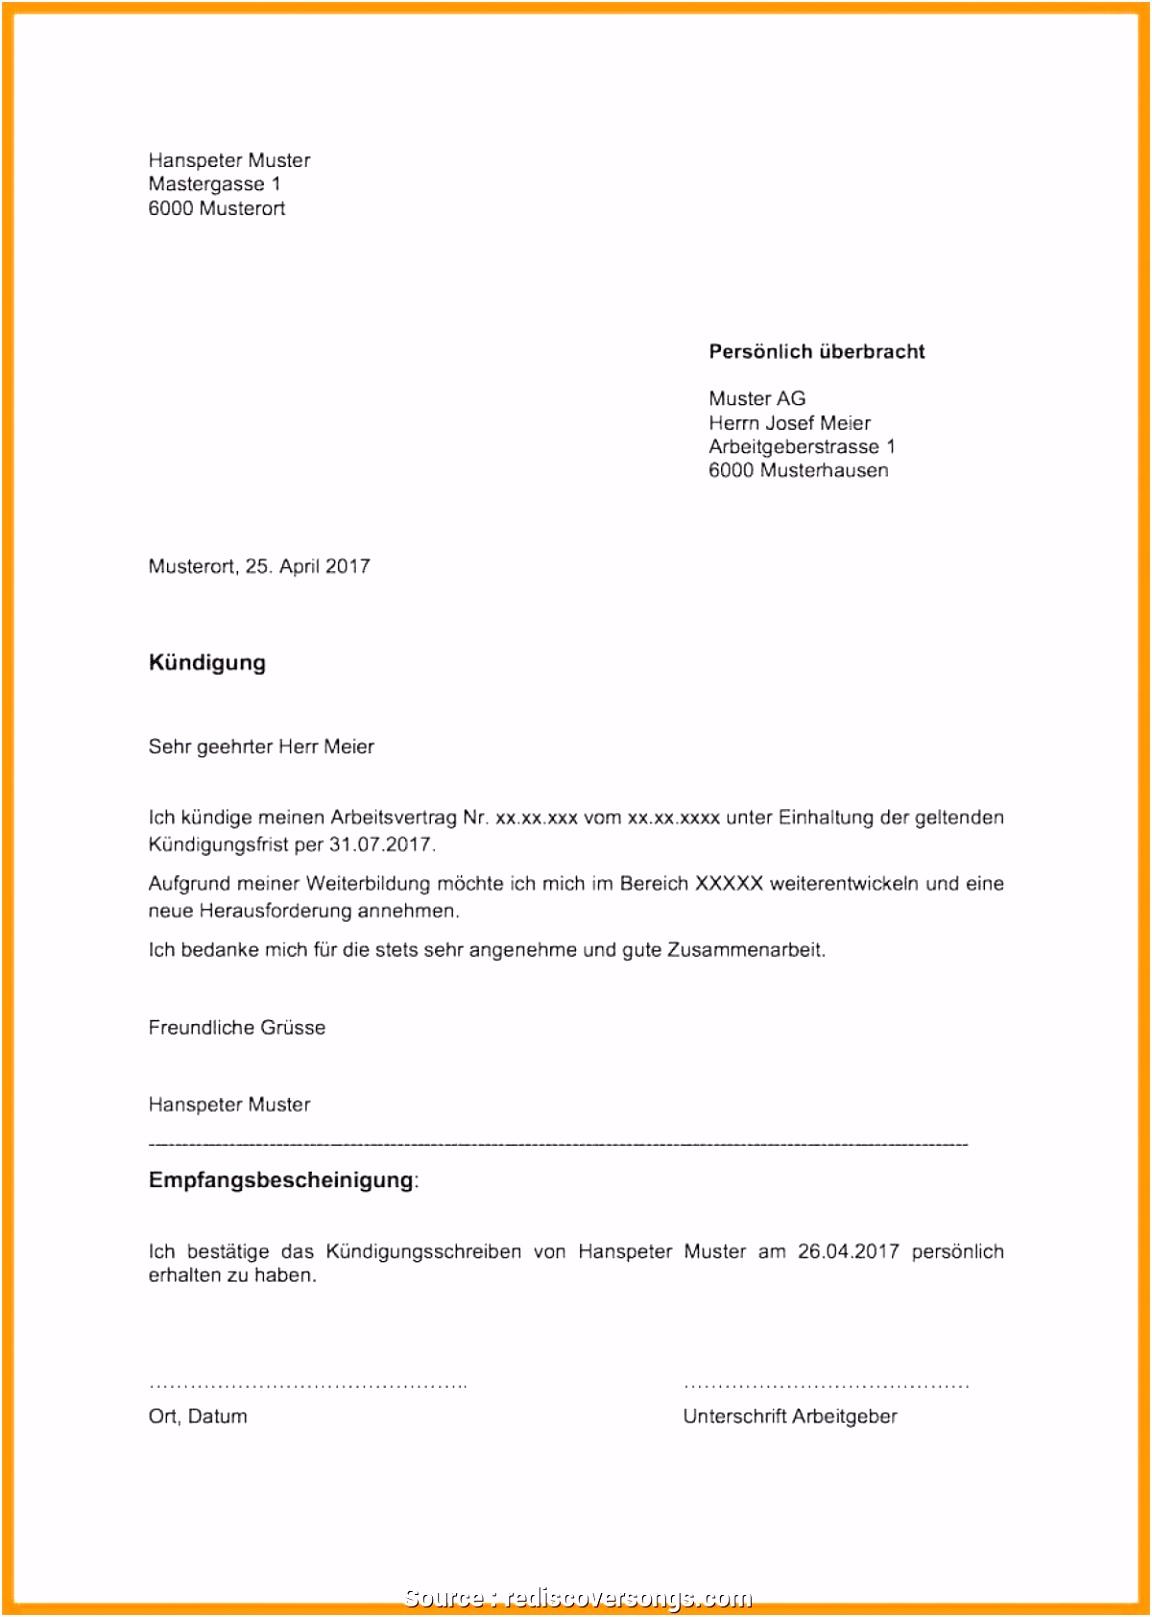 Besondere Kündigung Beginn Arbeitsverhältnis Astro Labium Press